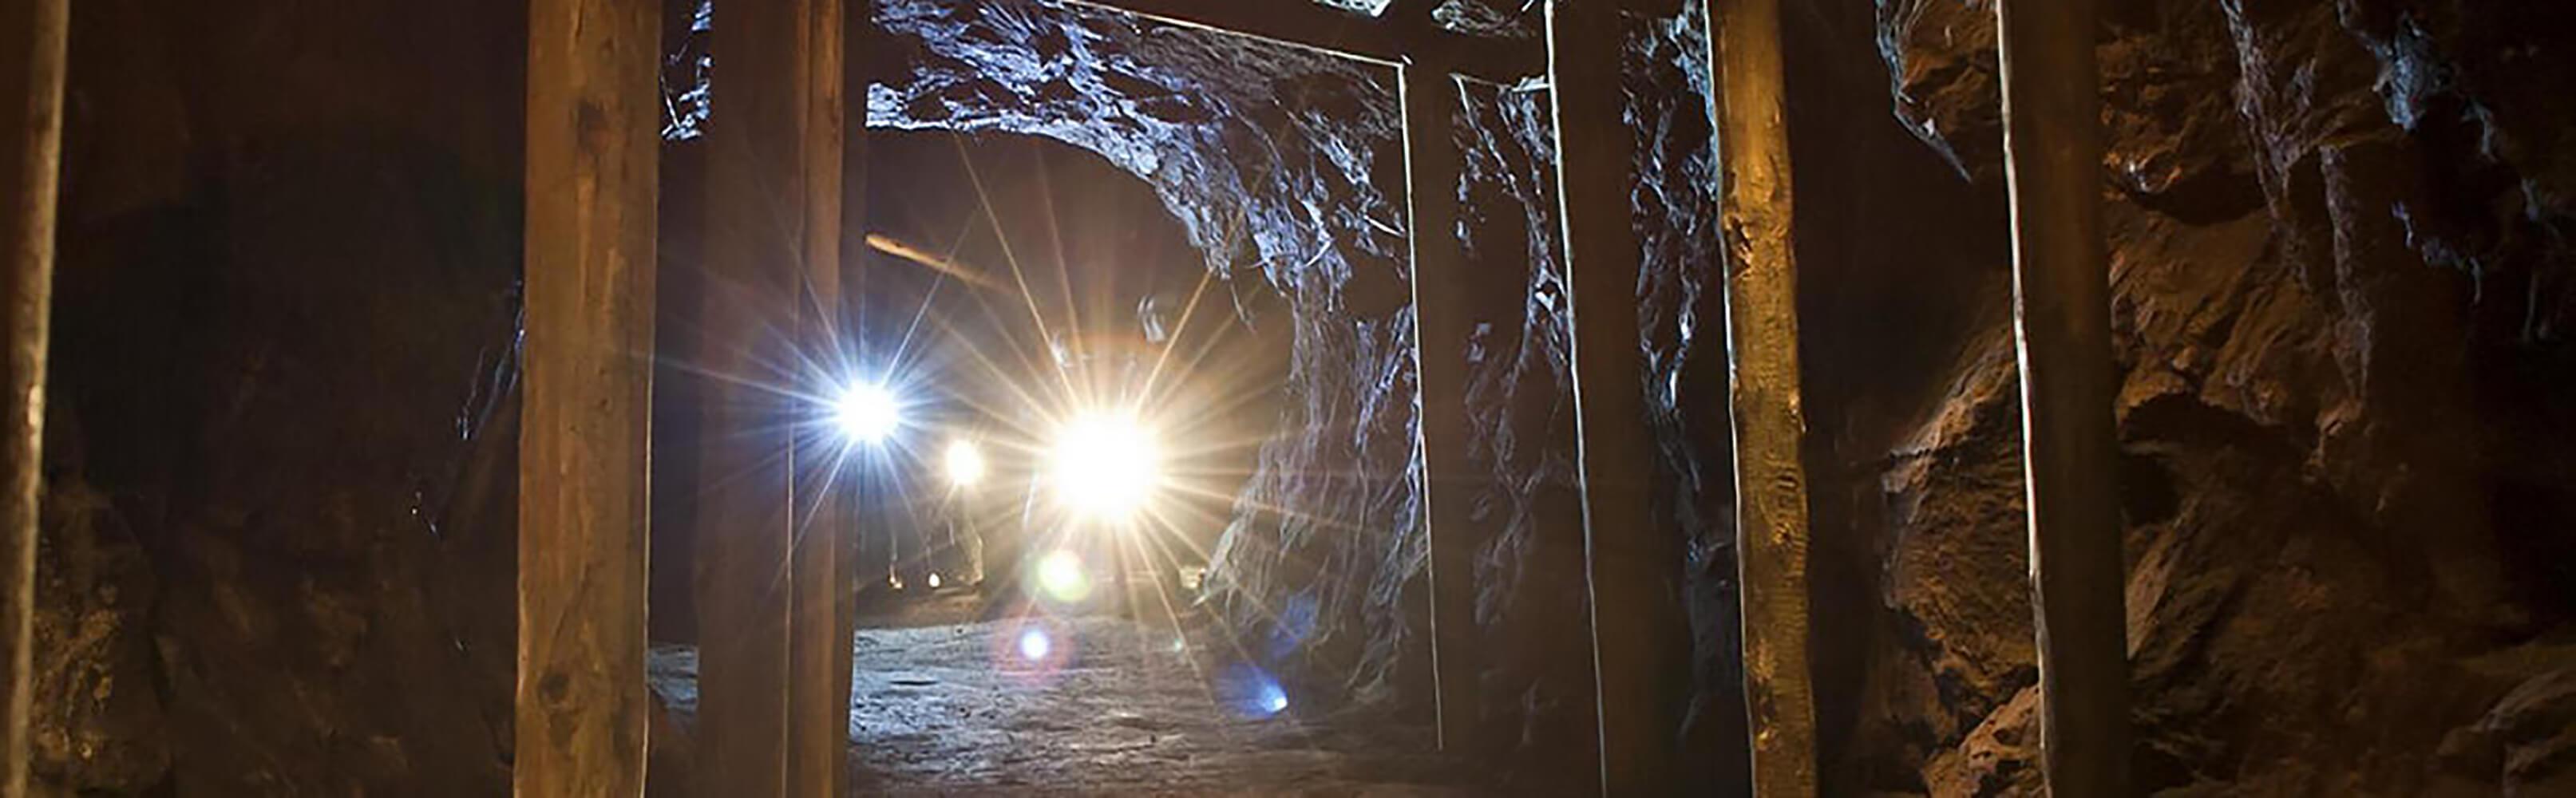 Mines d'asphalte de La Presta in Travers 1